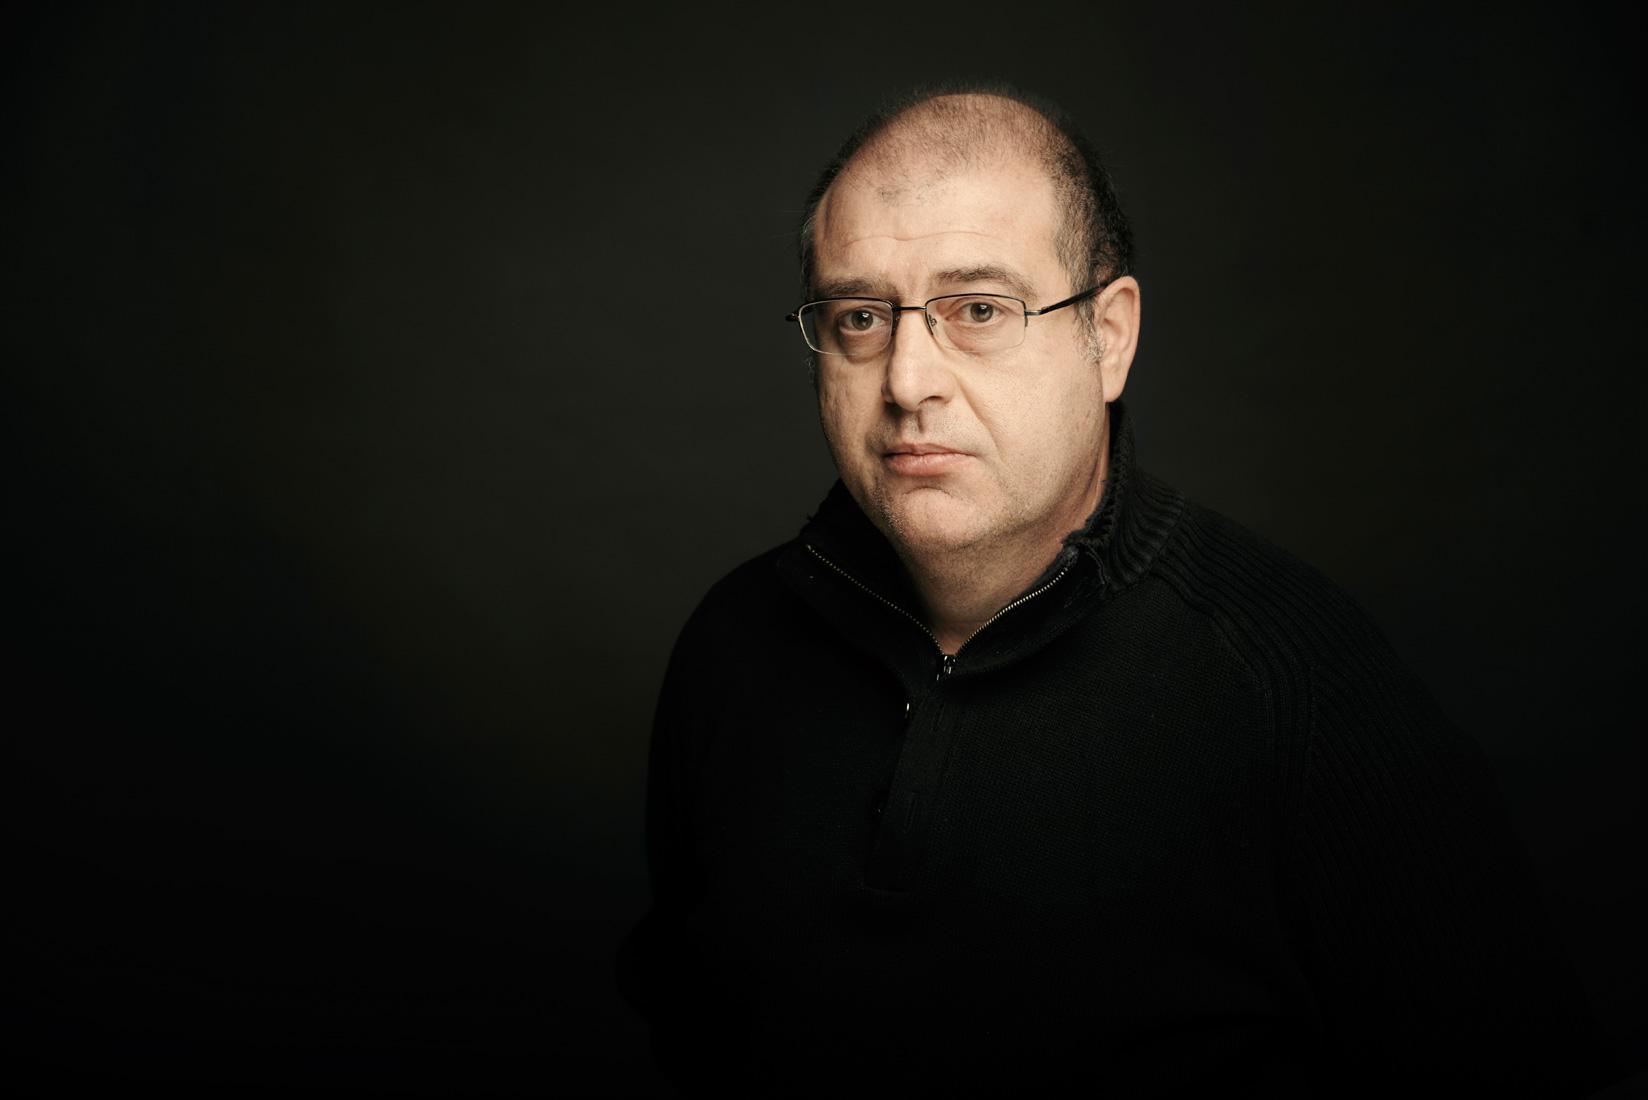 José Miguel Bernabeu Baeza